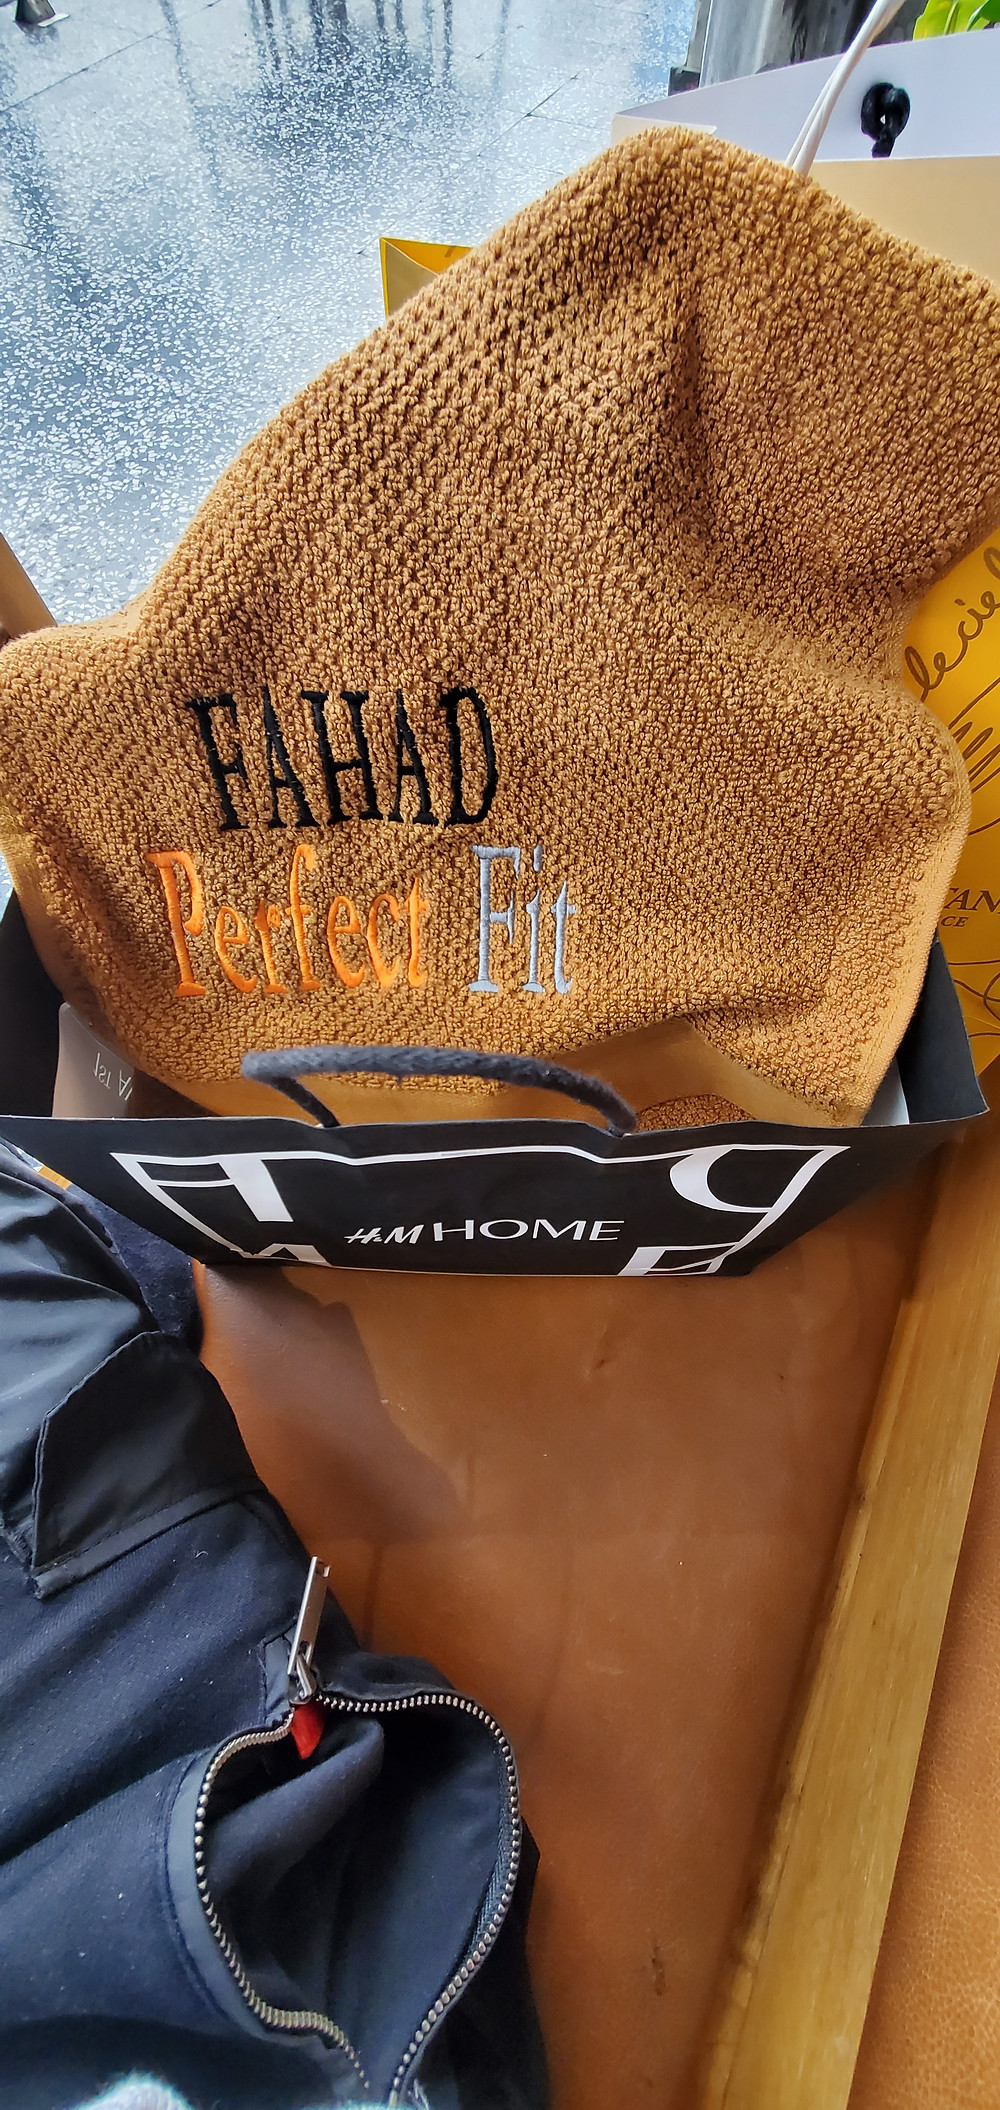 FAHAD life Snapchat @XFKWX من سناب شات فهد على